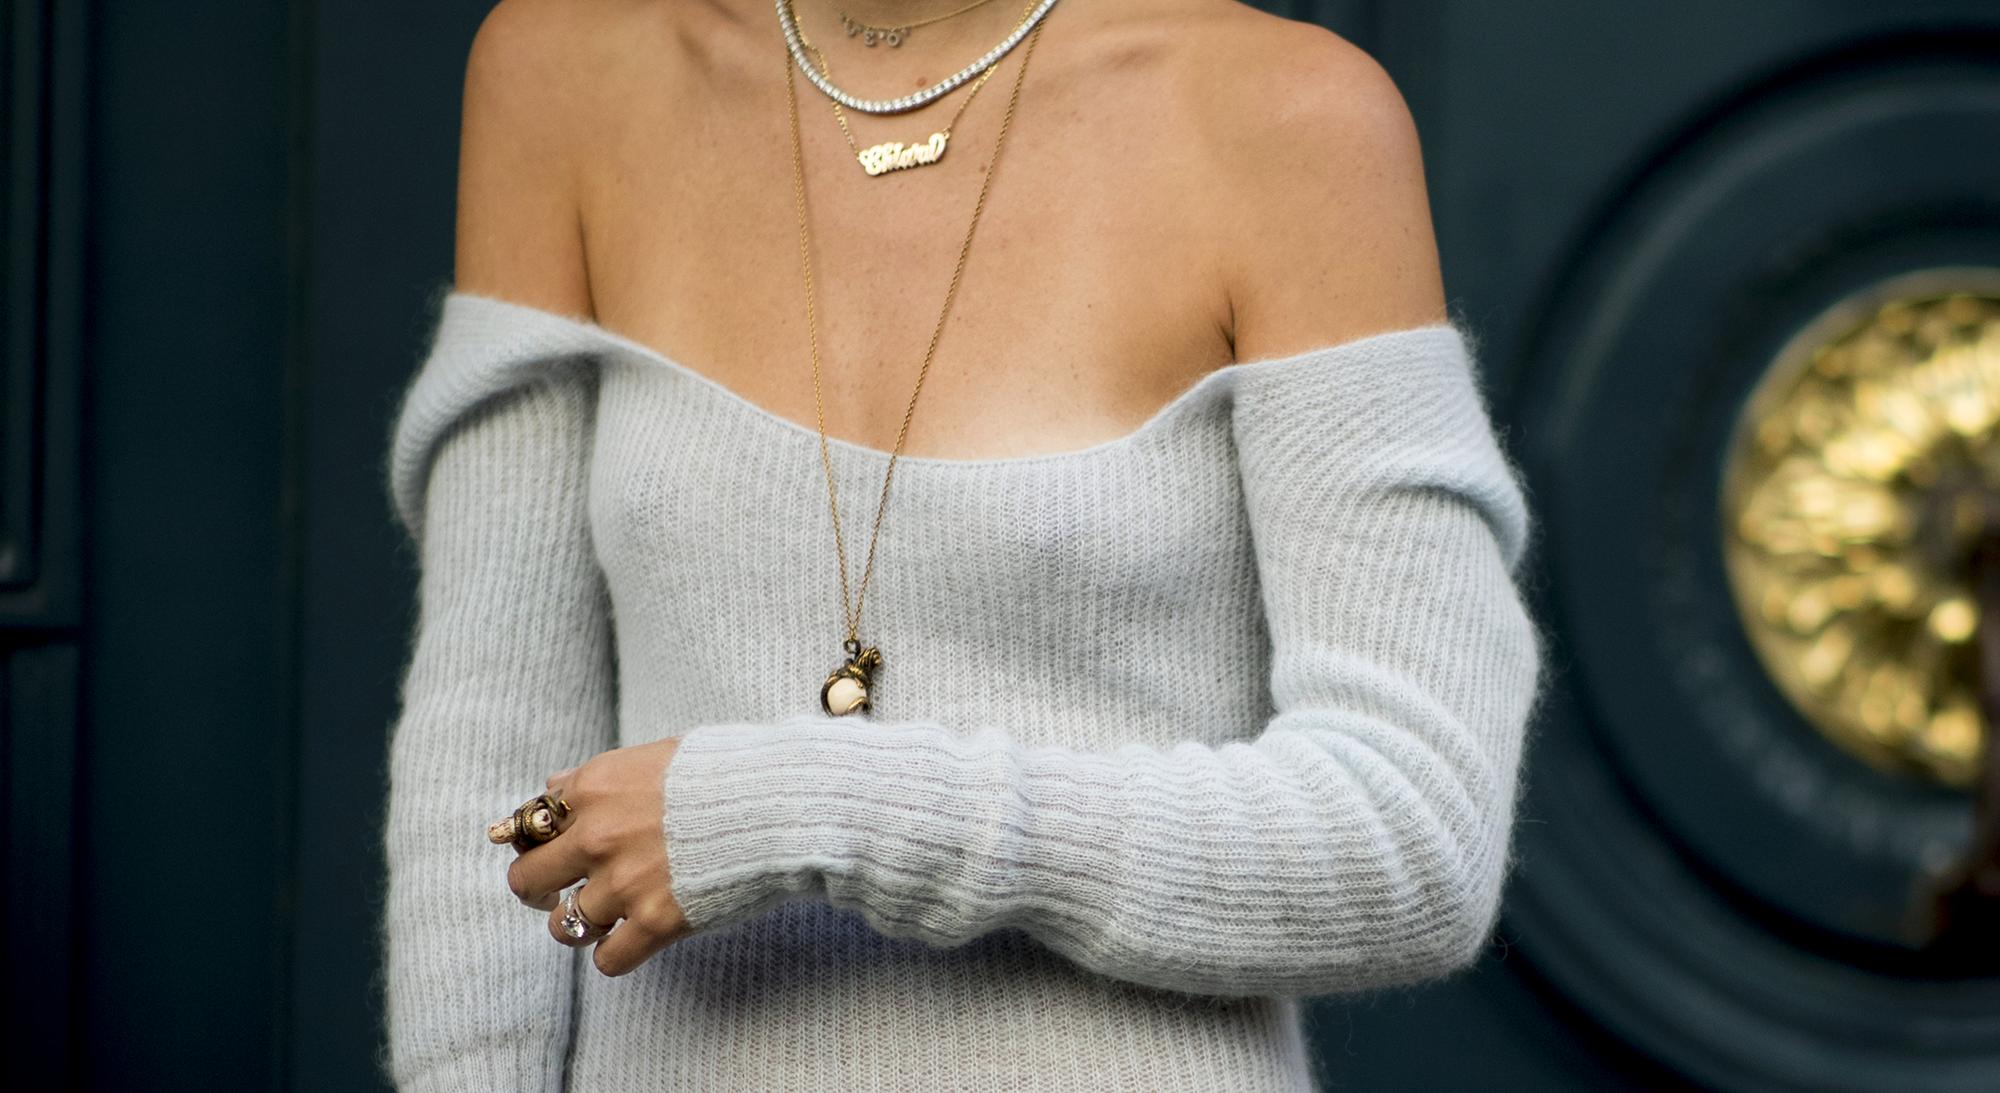 Un maglione è per sempre consigli per l'uso: come lavarli, come conservarli, come tenerli bene ora e per sempre